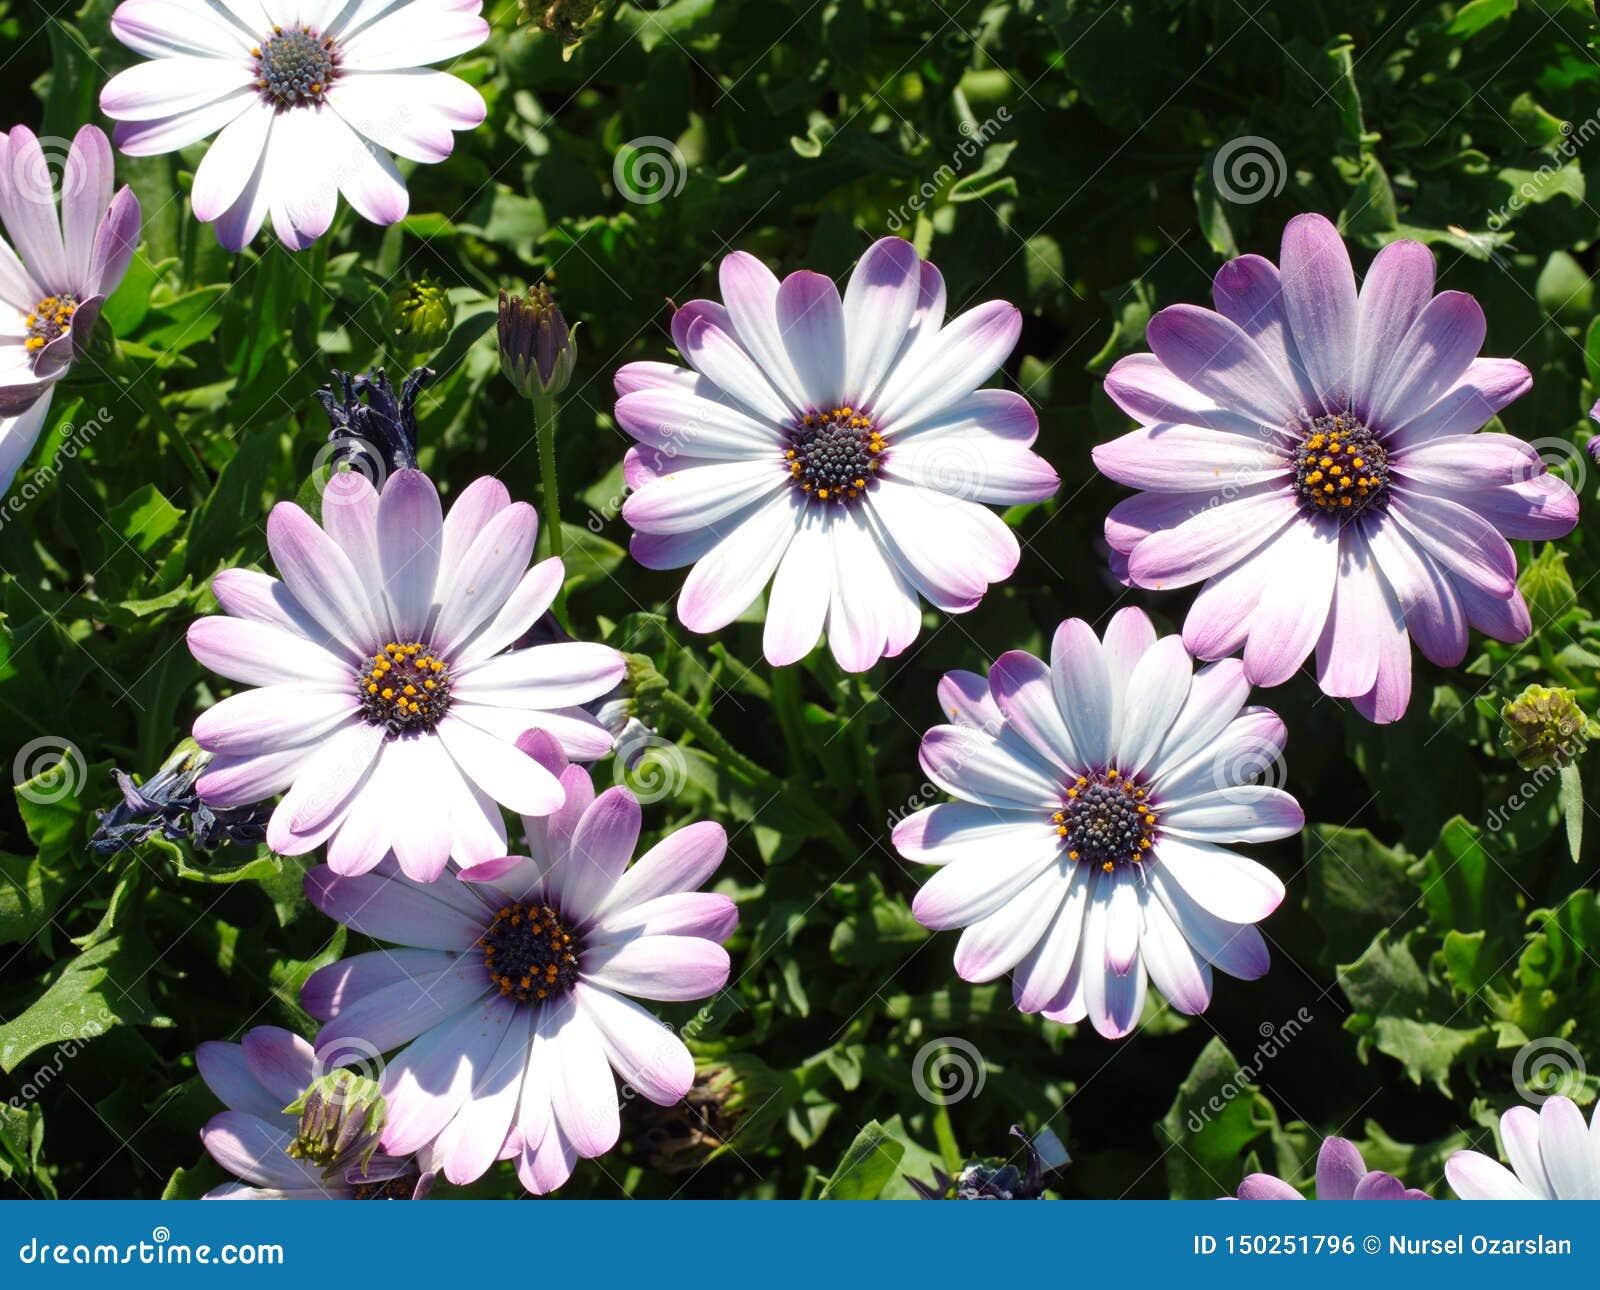 blue african daisy